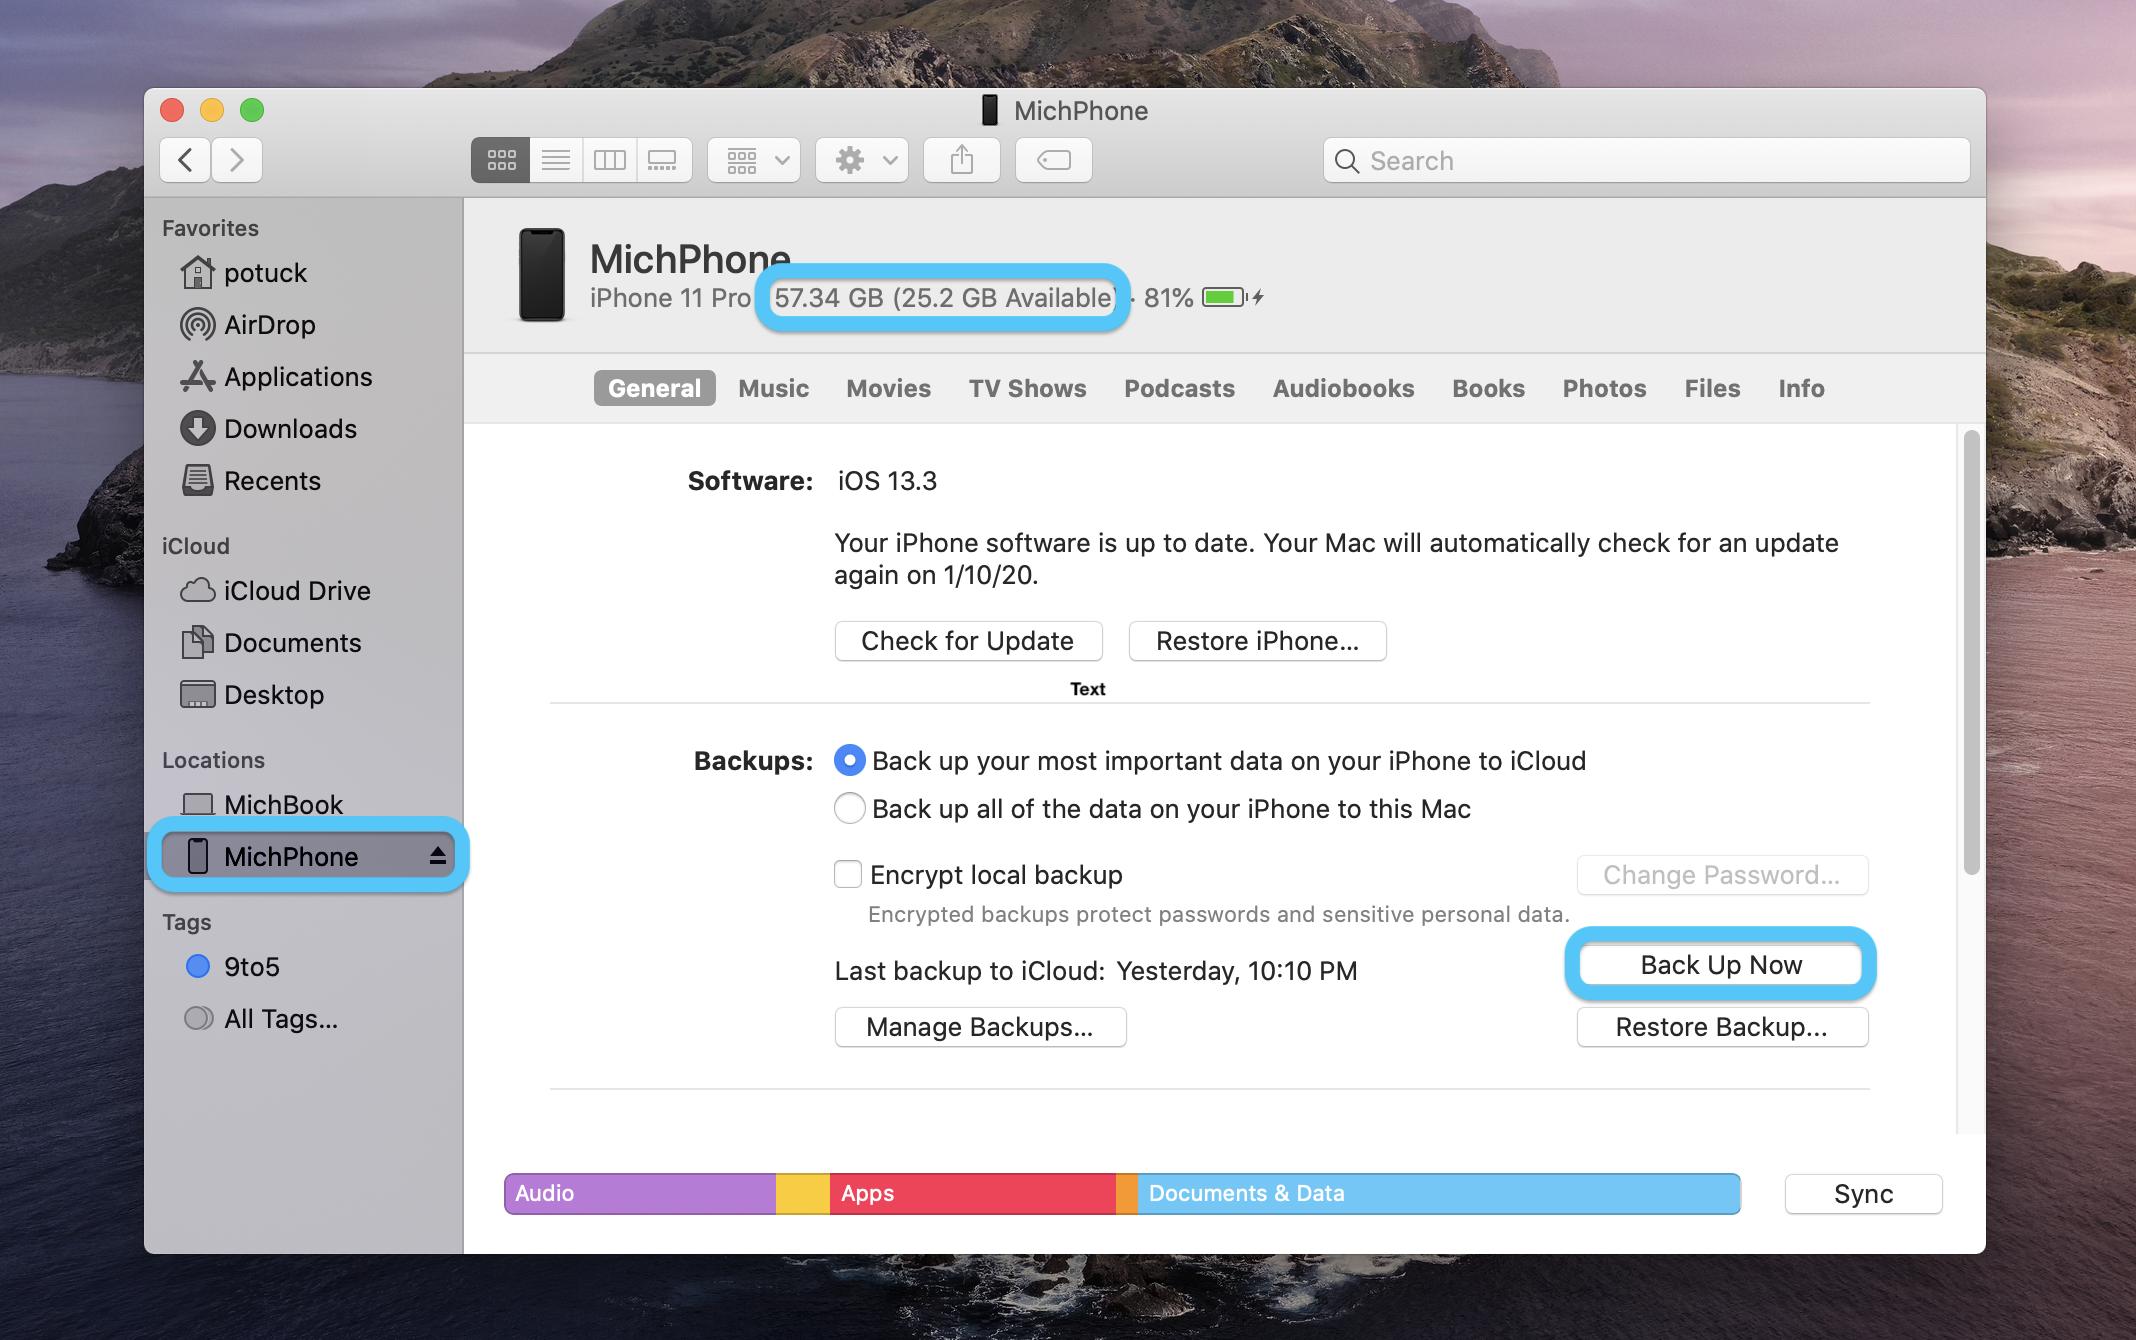 """<span href=""""https://9to5mac.com/2020/01/09/how-to-backup-iphone-mac-catalina/"""">Mac: Cómo hacer copia de seguridad de su iPhone en macOS Catalina</a>"""